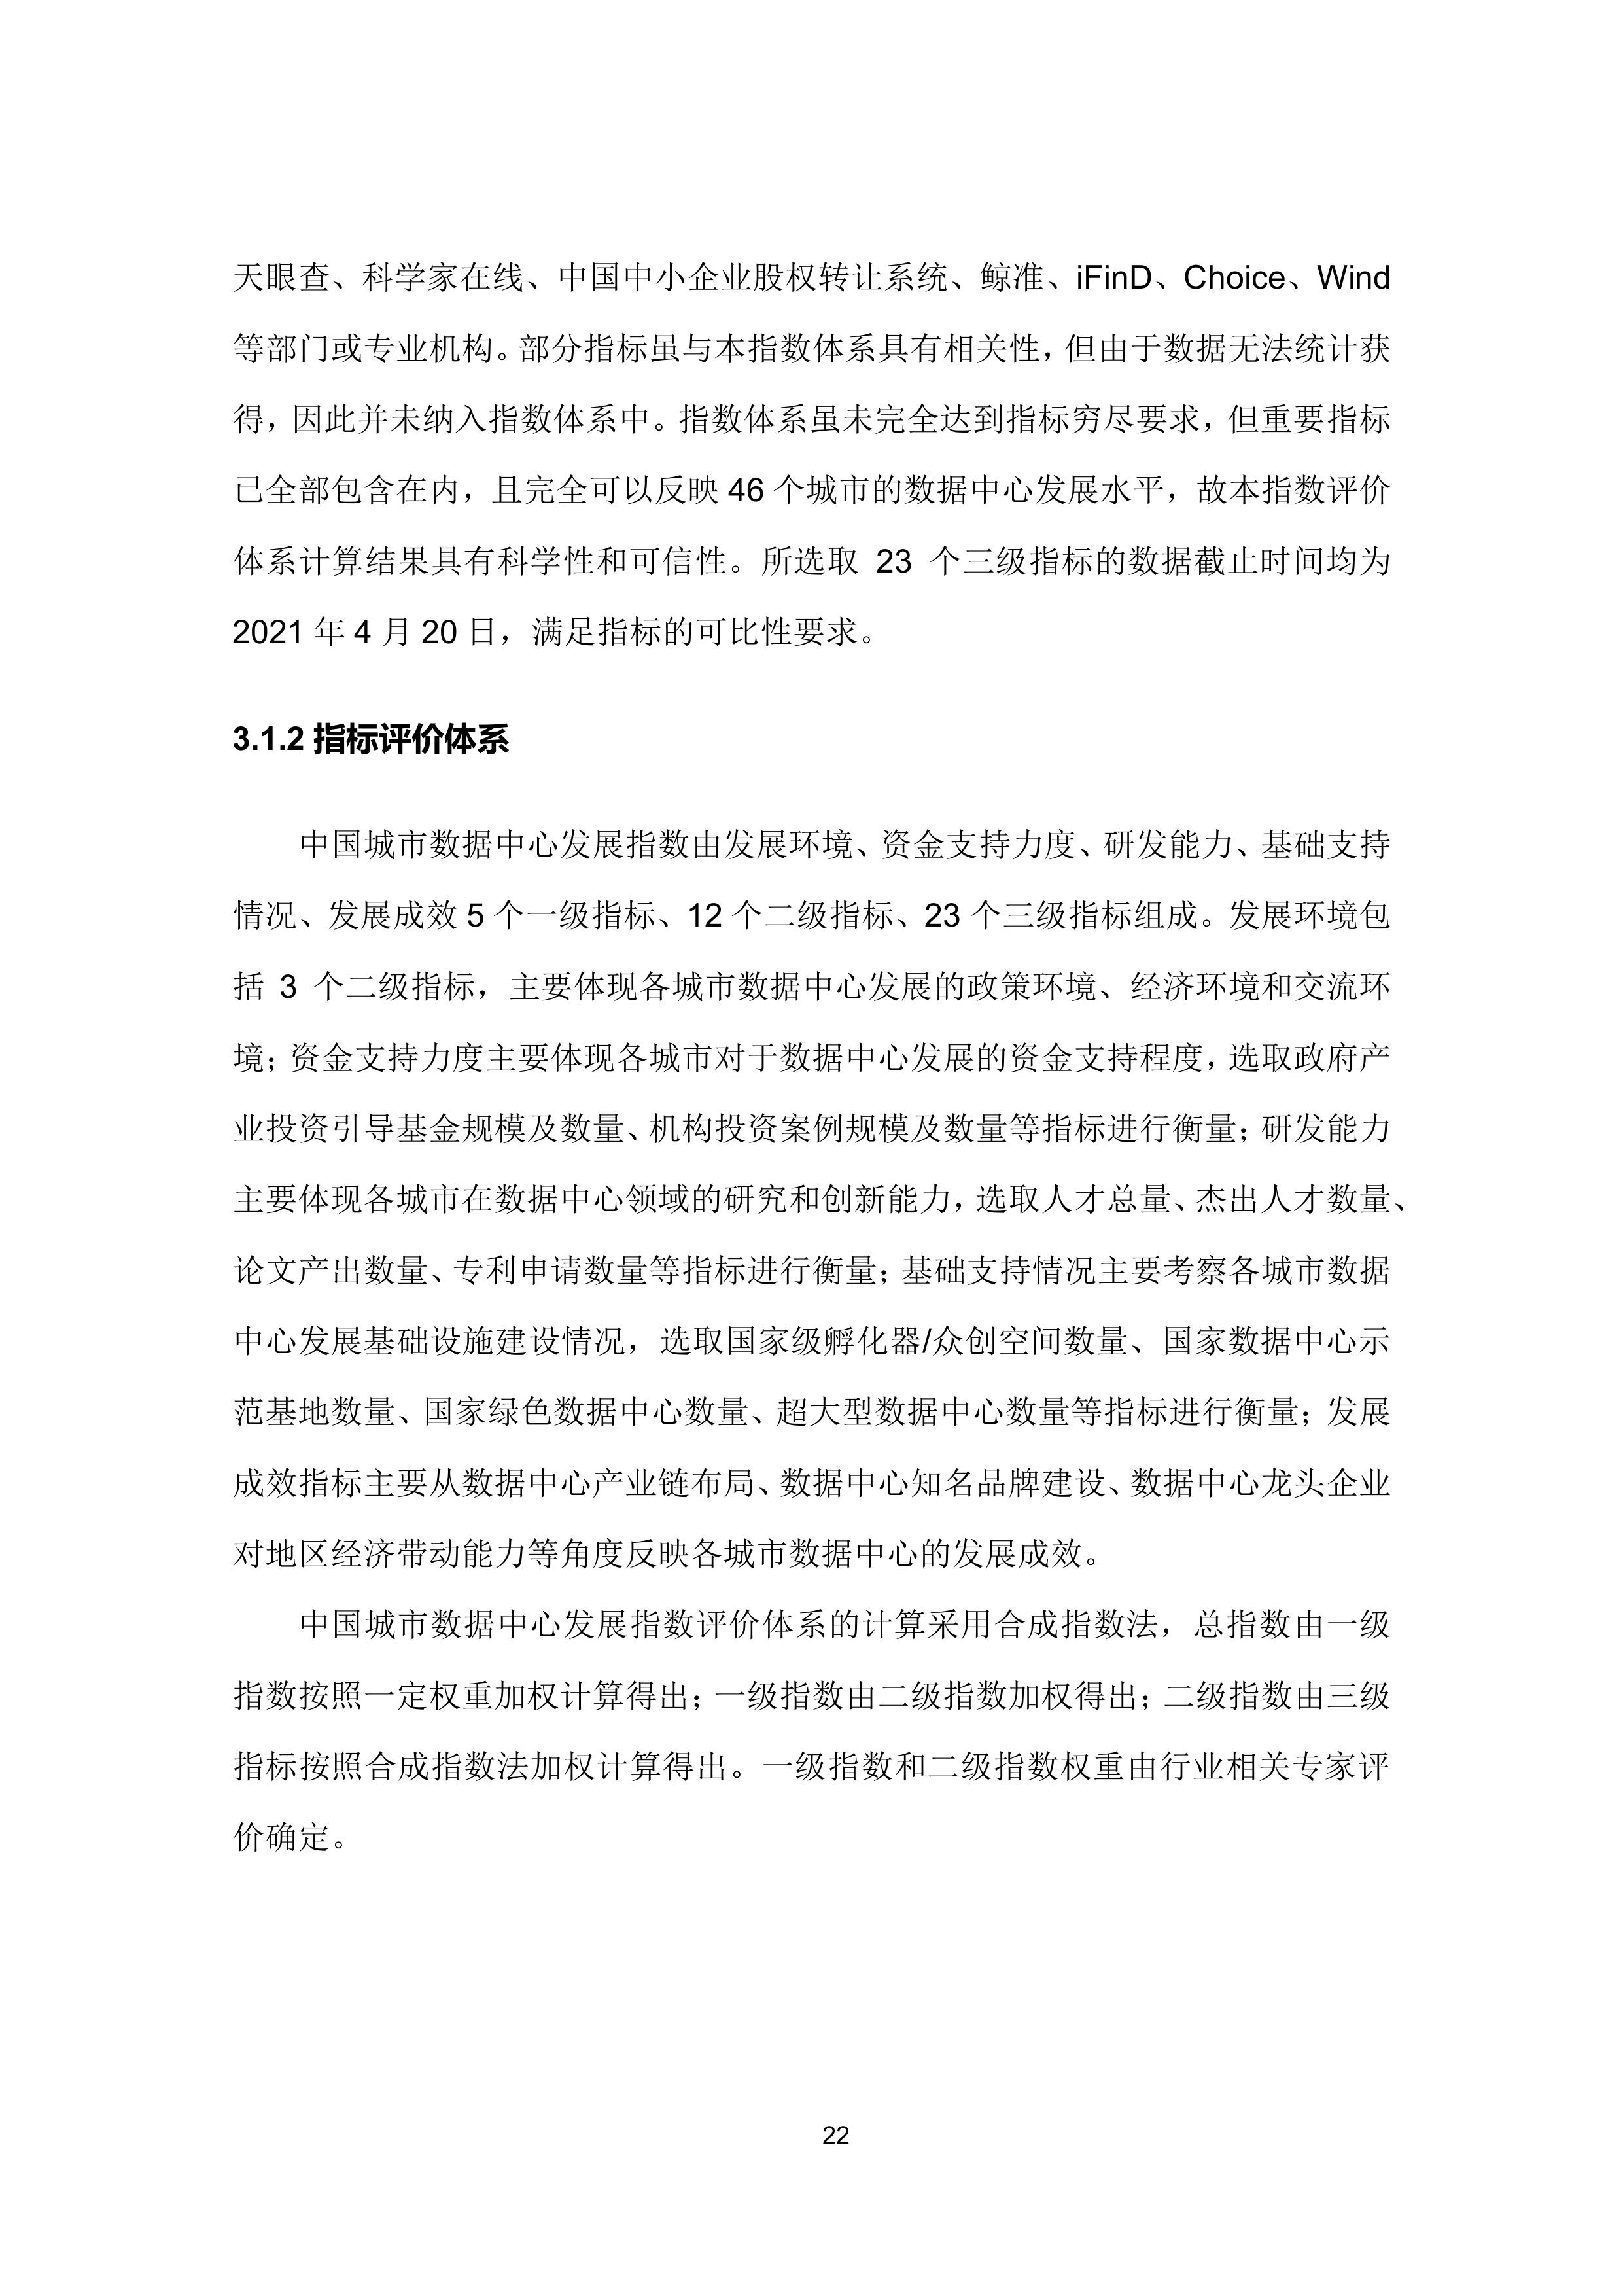 36氪研究院 - 新基建系列之:2020年中国城市数据中心发展指数报告-大菠萝官网(图33)